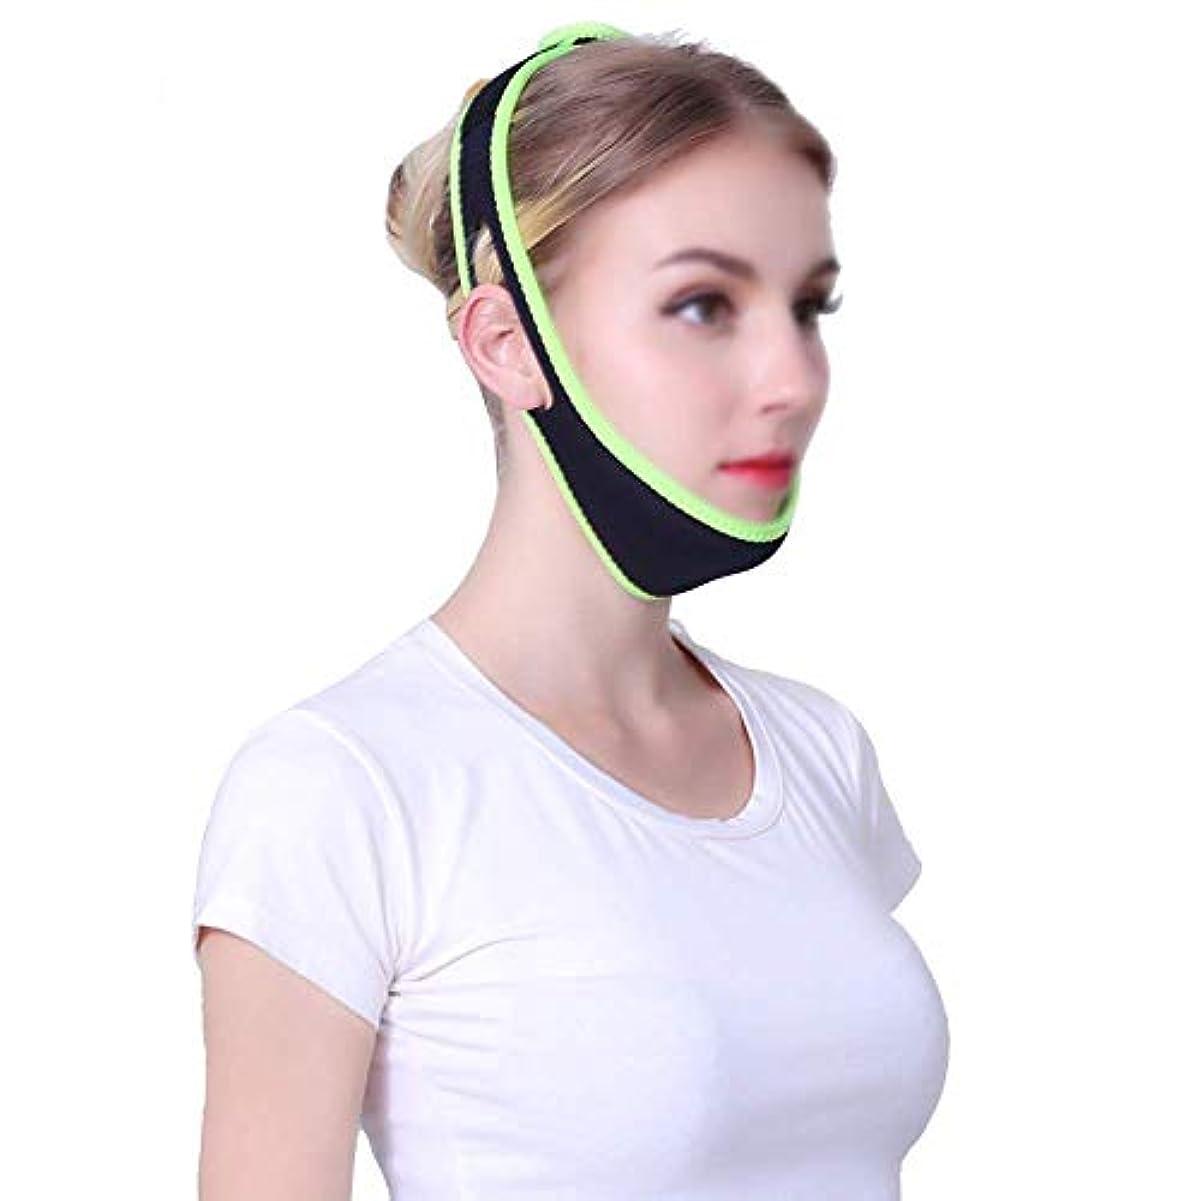 認める接触助言ファーミングフェイスマスク、小さなVフェイスアーティファクト睡眠薄いフェイス包帯マスクリフティングマスクファーミングクリームフェイスリフトフェイスメロンフェイス楽器